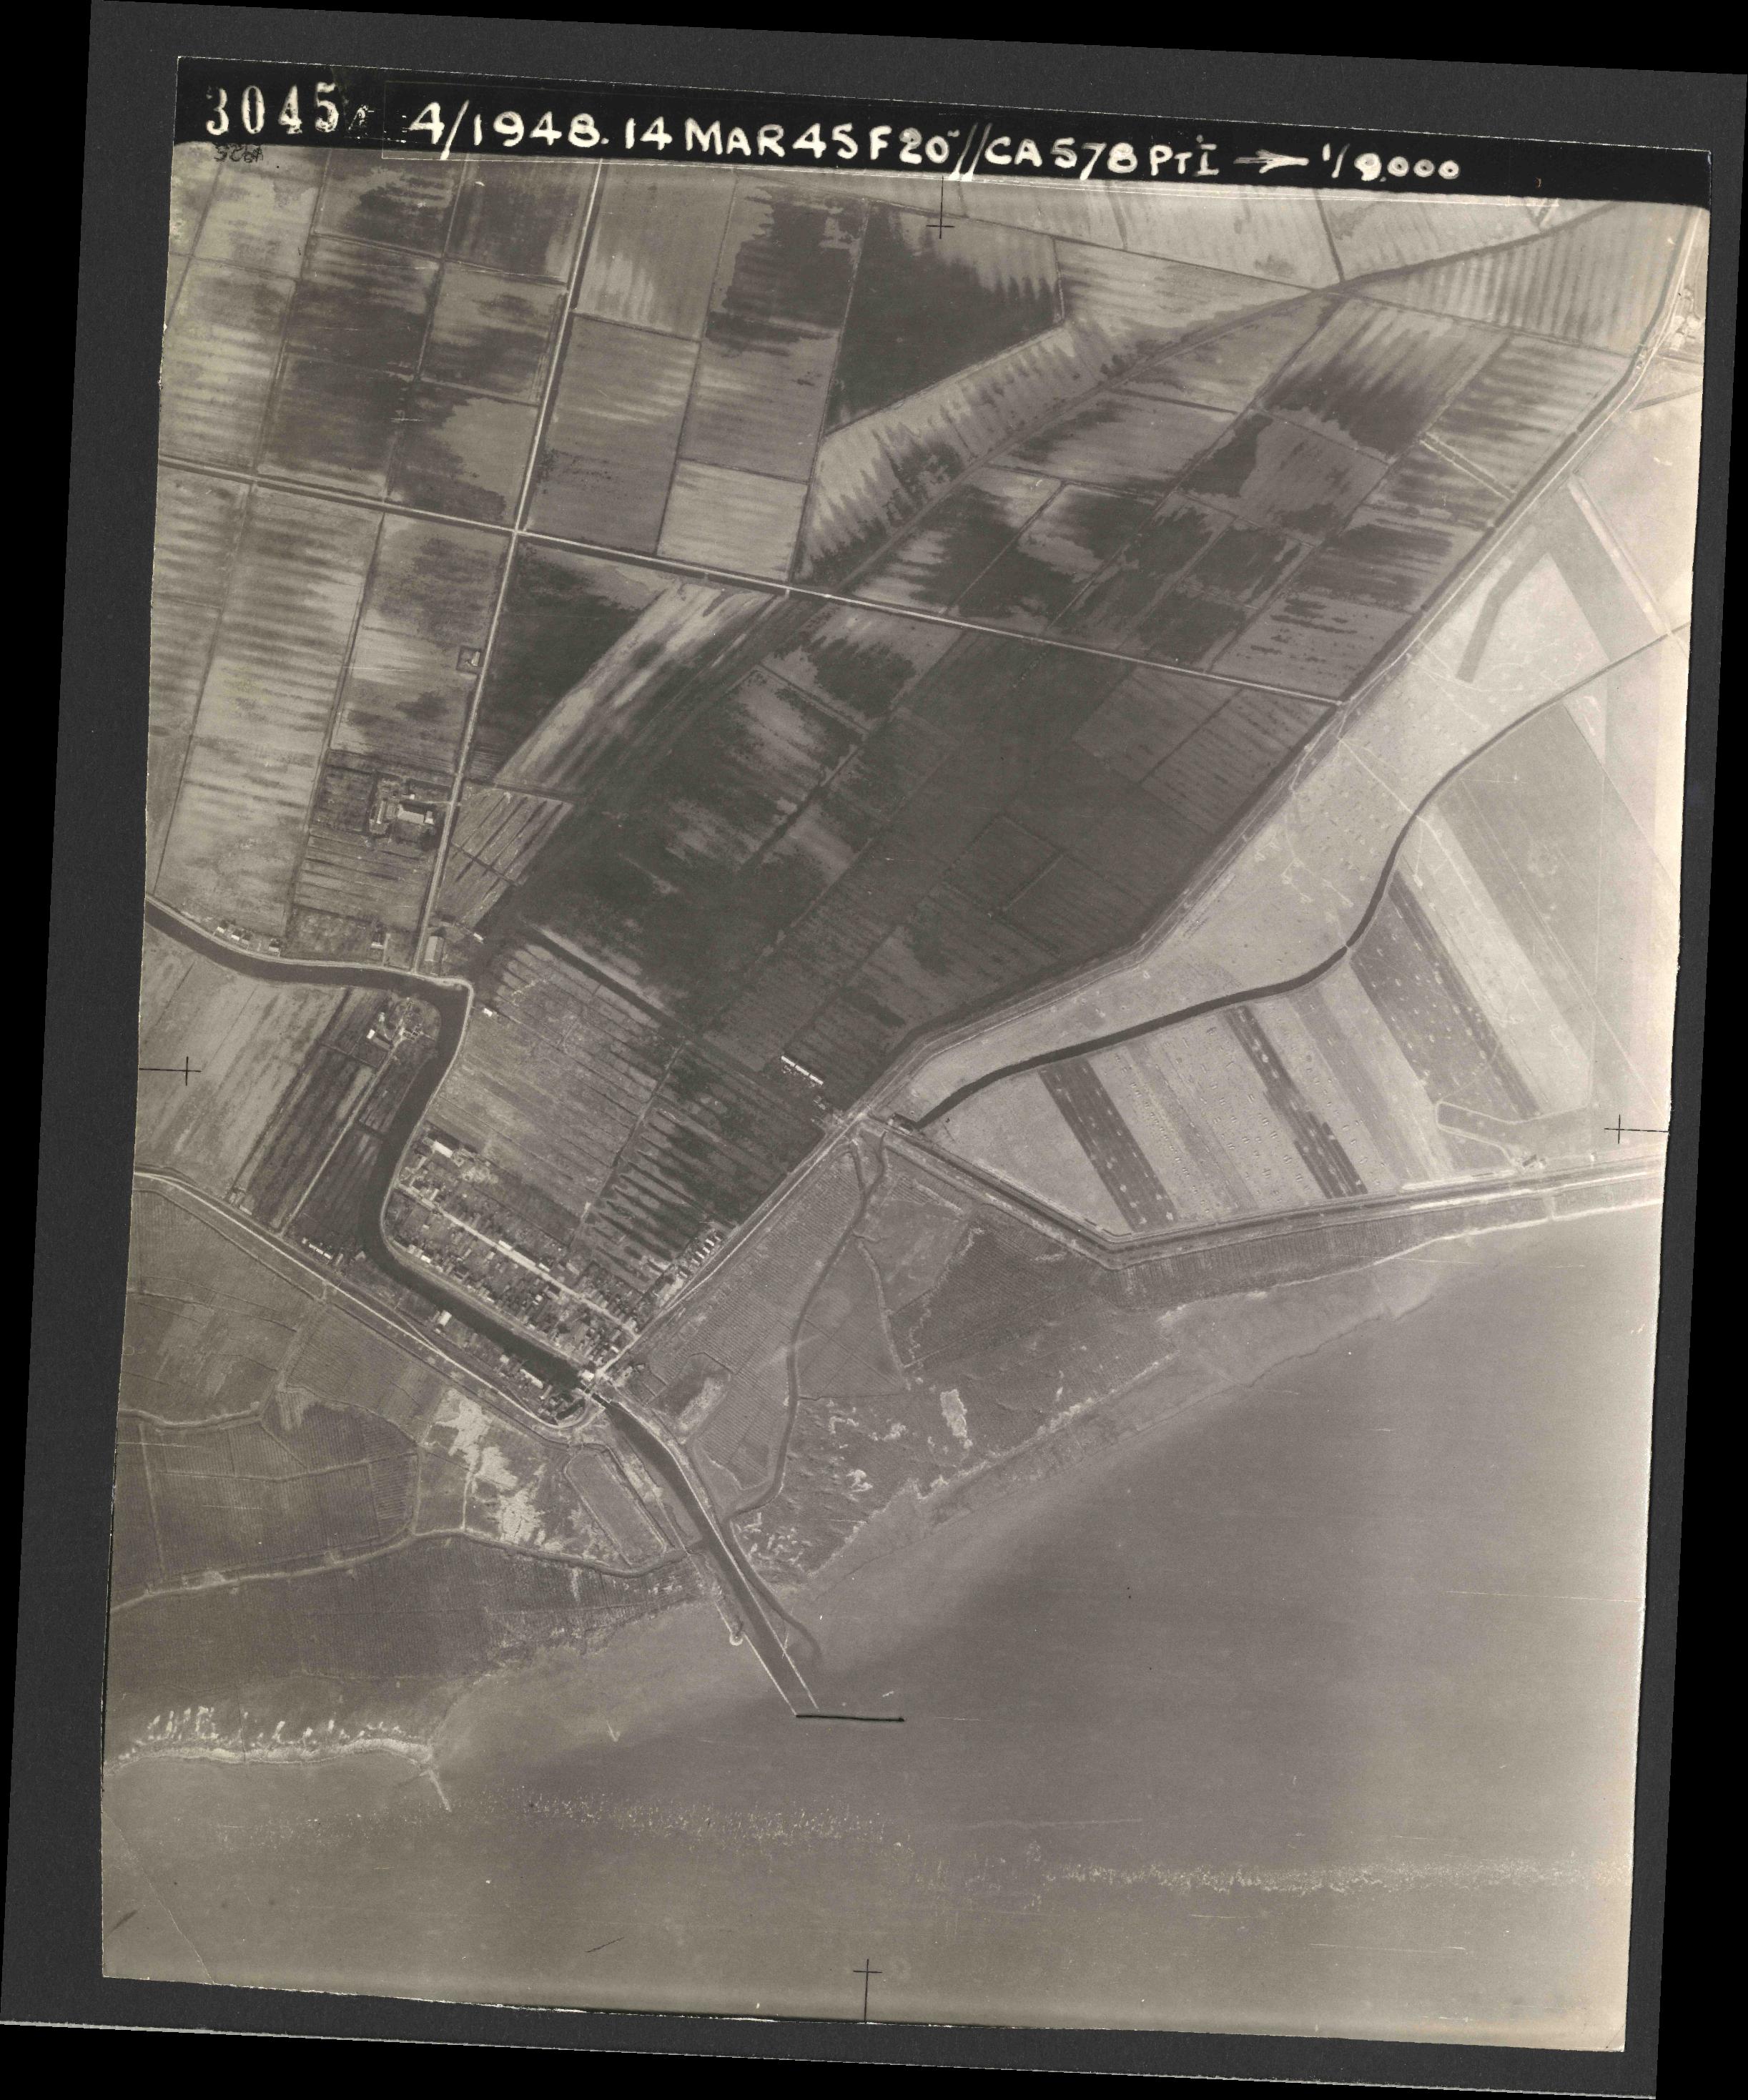 Collection RAF aerial photos 1940-1945 - flight 095, run 05, photo 3045